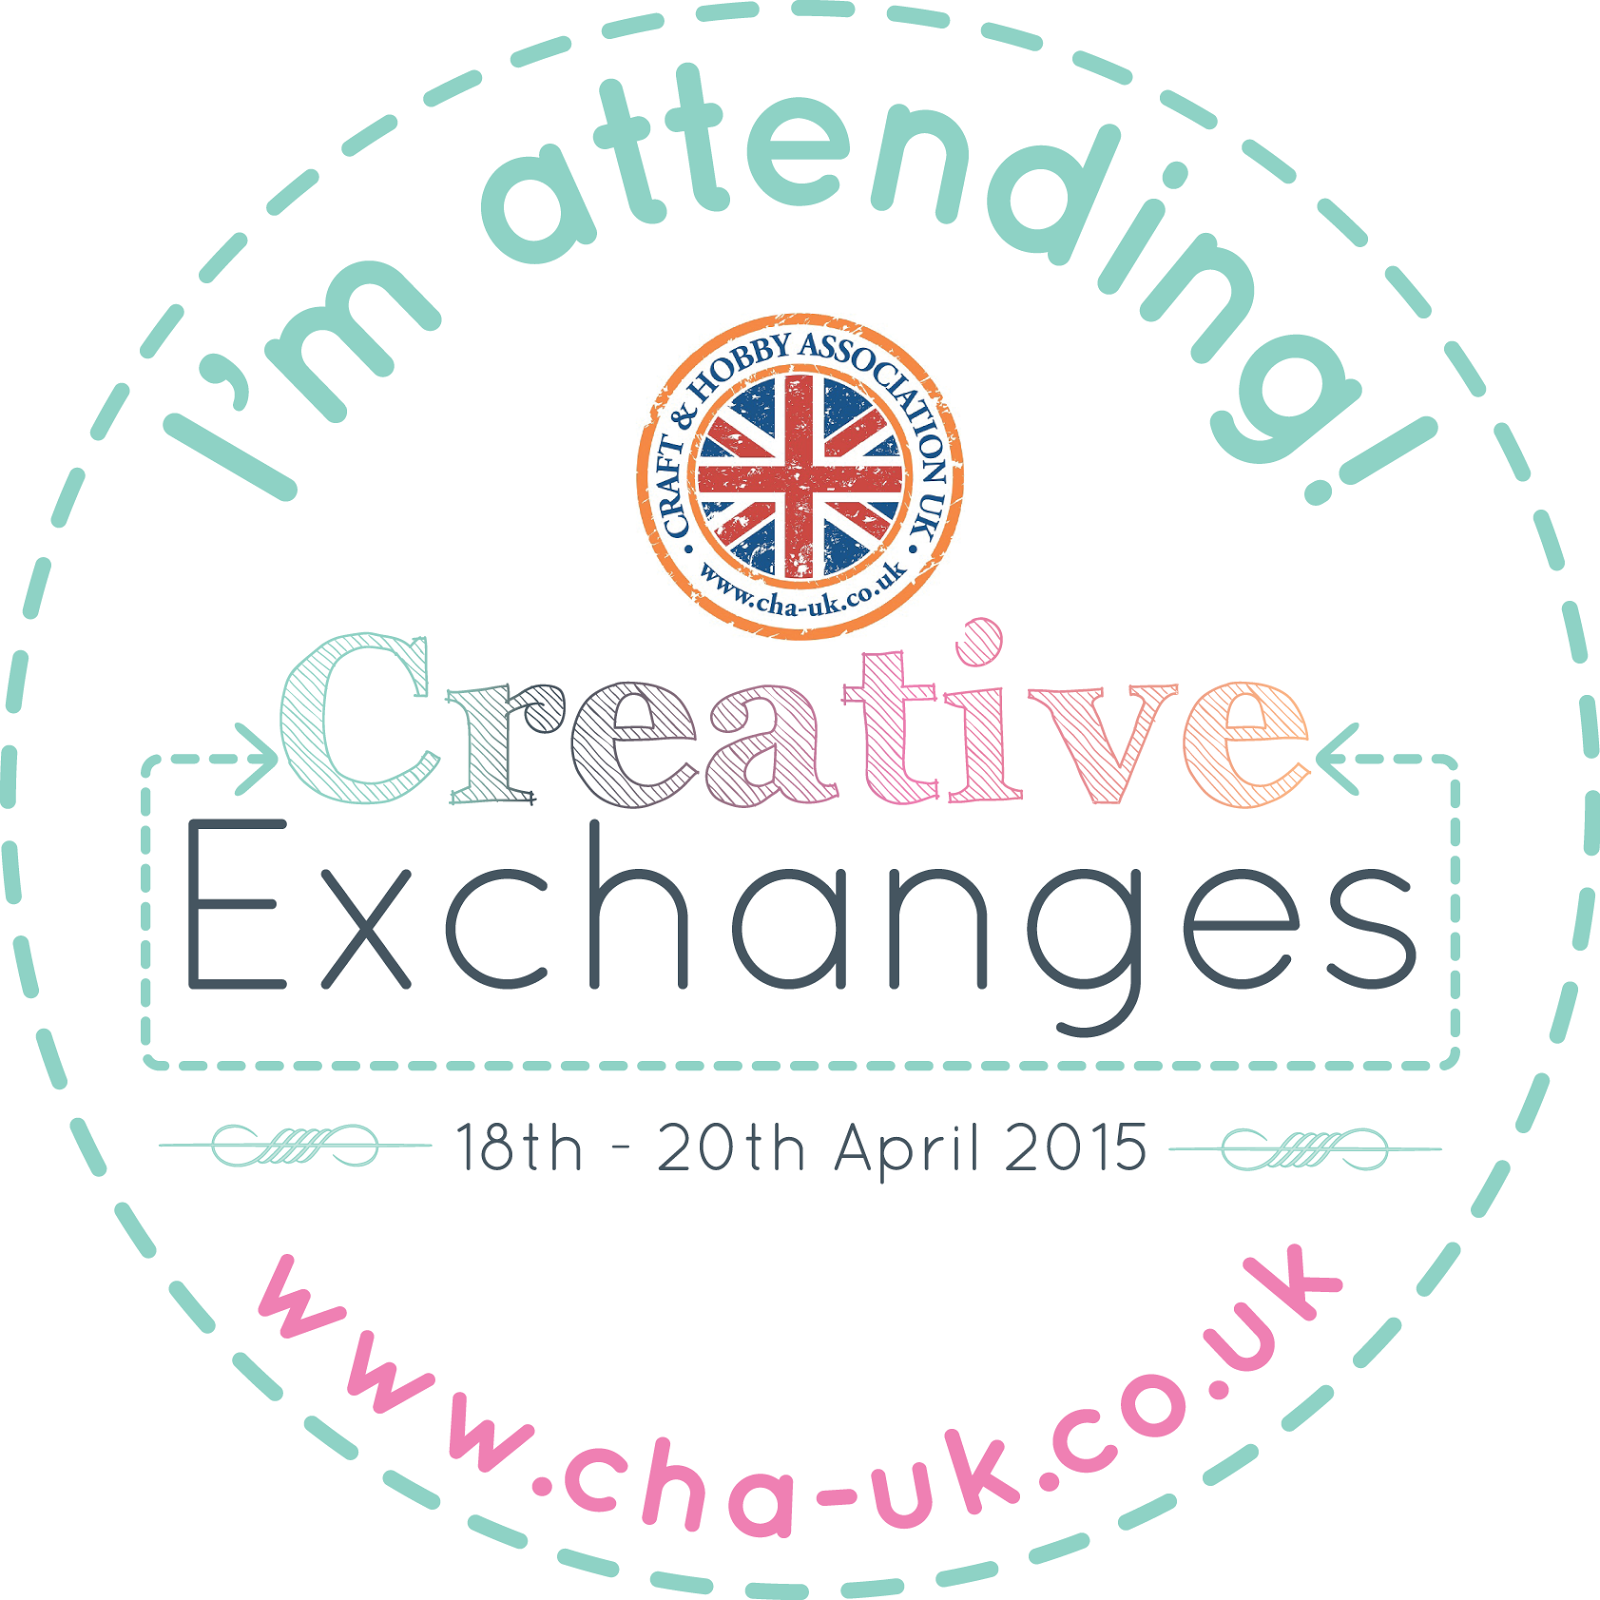 http://4.bp.blogspot.com/-1_zBmE8Wdvw/VQn4DgQK_xI/AAAAAAAAIIY/iwJa6FizpnY/s1600/attending-creative-exchanges-circle.png